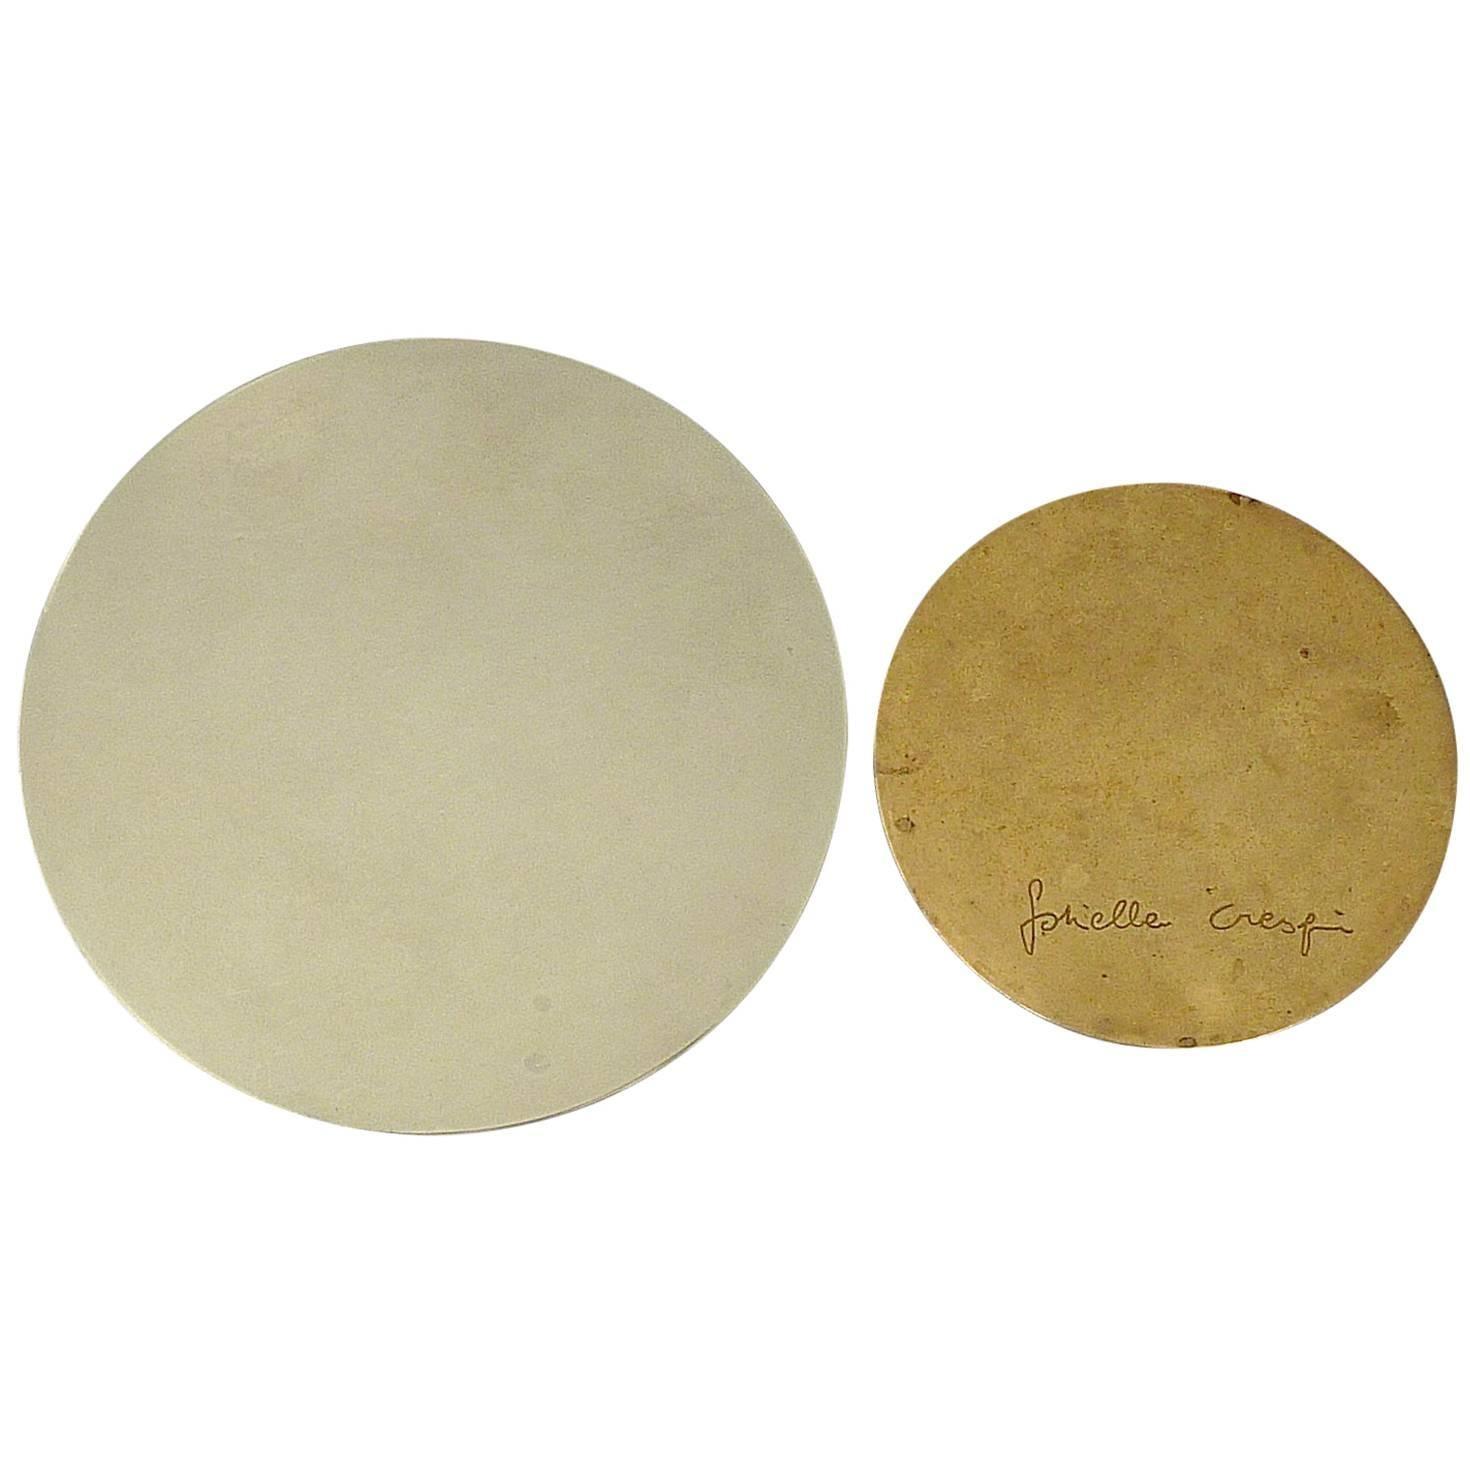 """Signed Rare Gabriella Crespi """"Antivento"""" Ashtray Chrome Brass Bowl, Italy, 1970"""